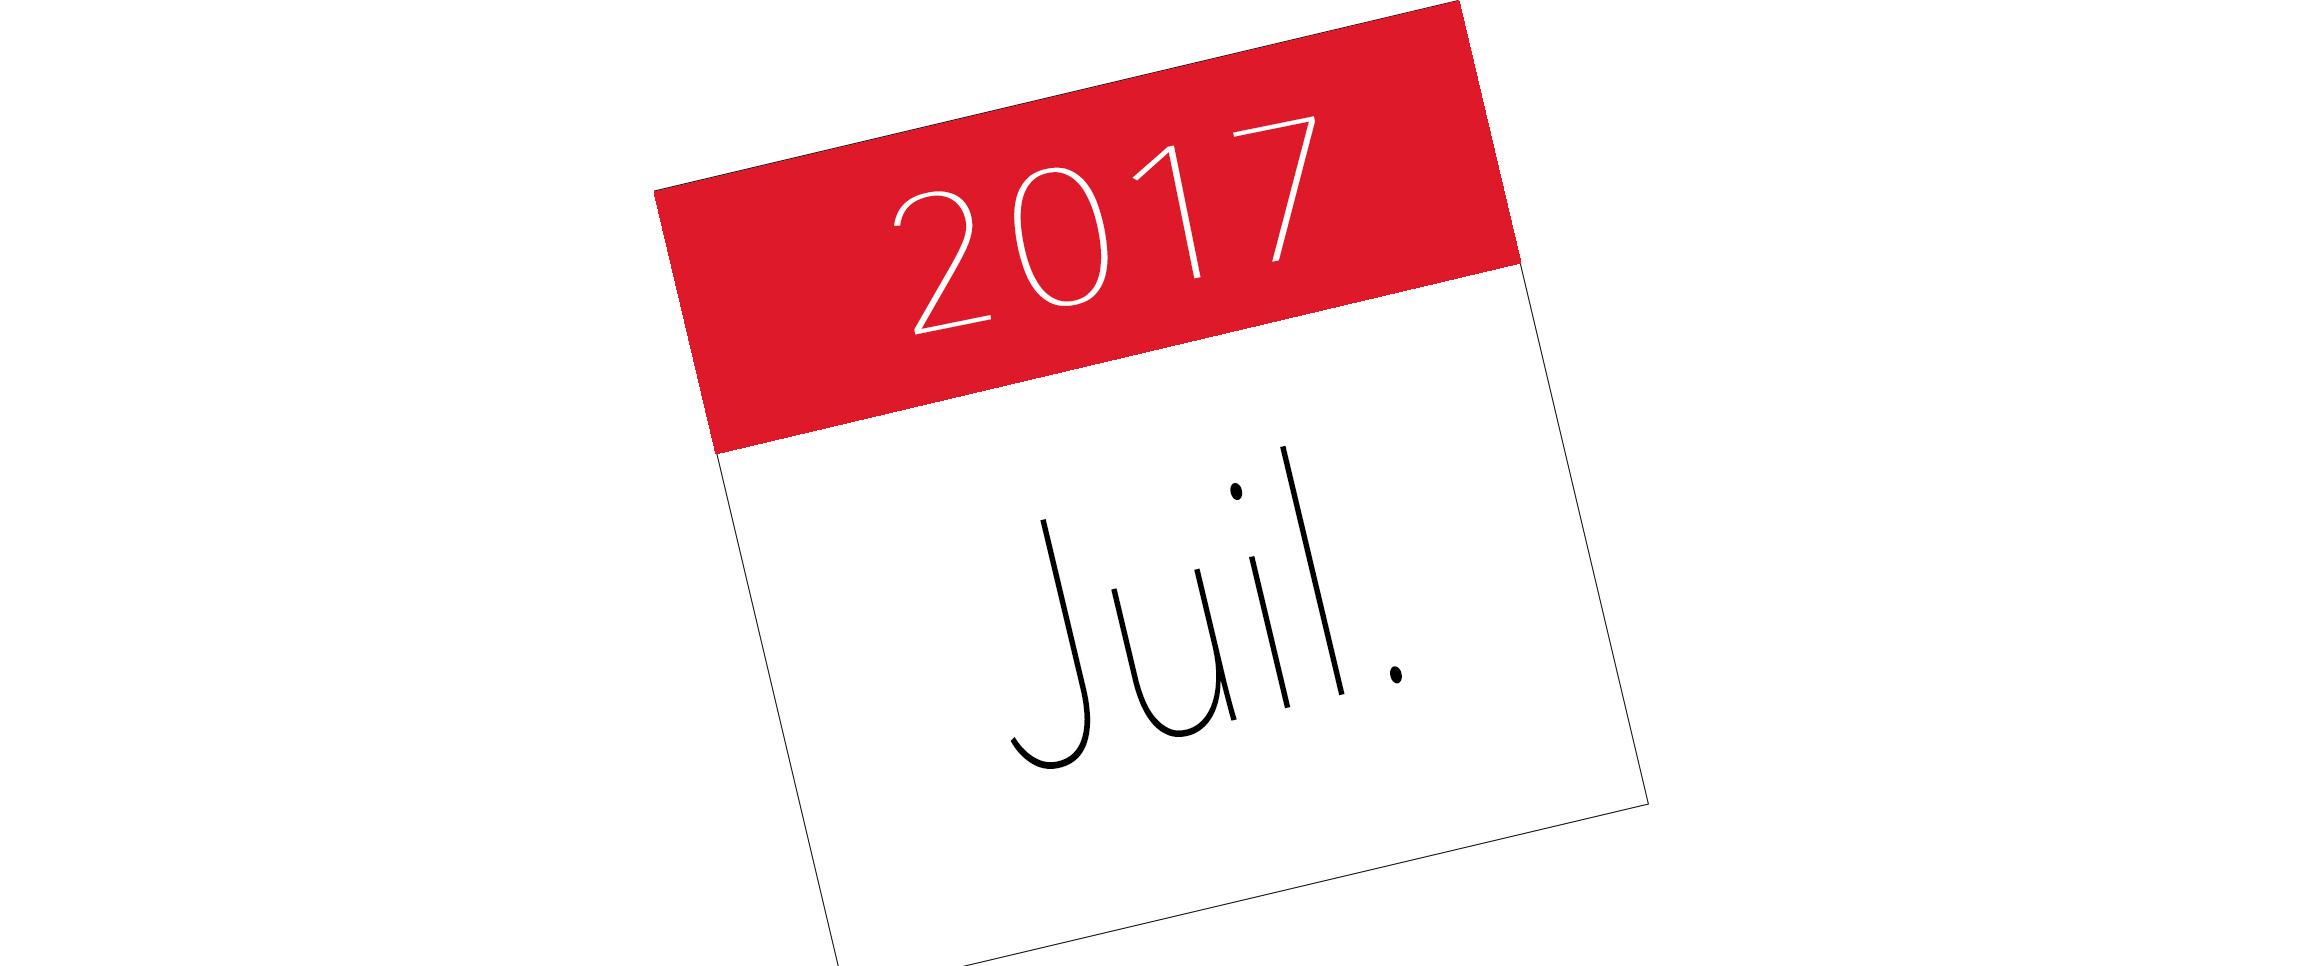 calendrier-site-juillet-2017.jpg